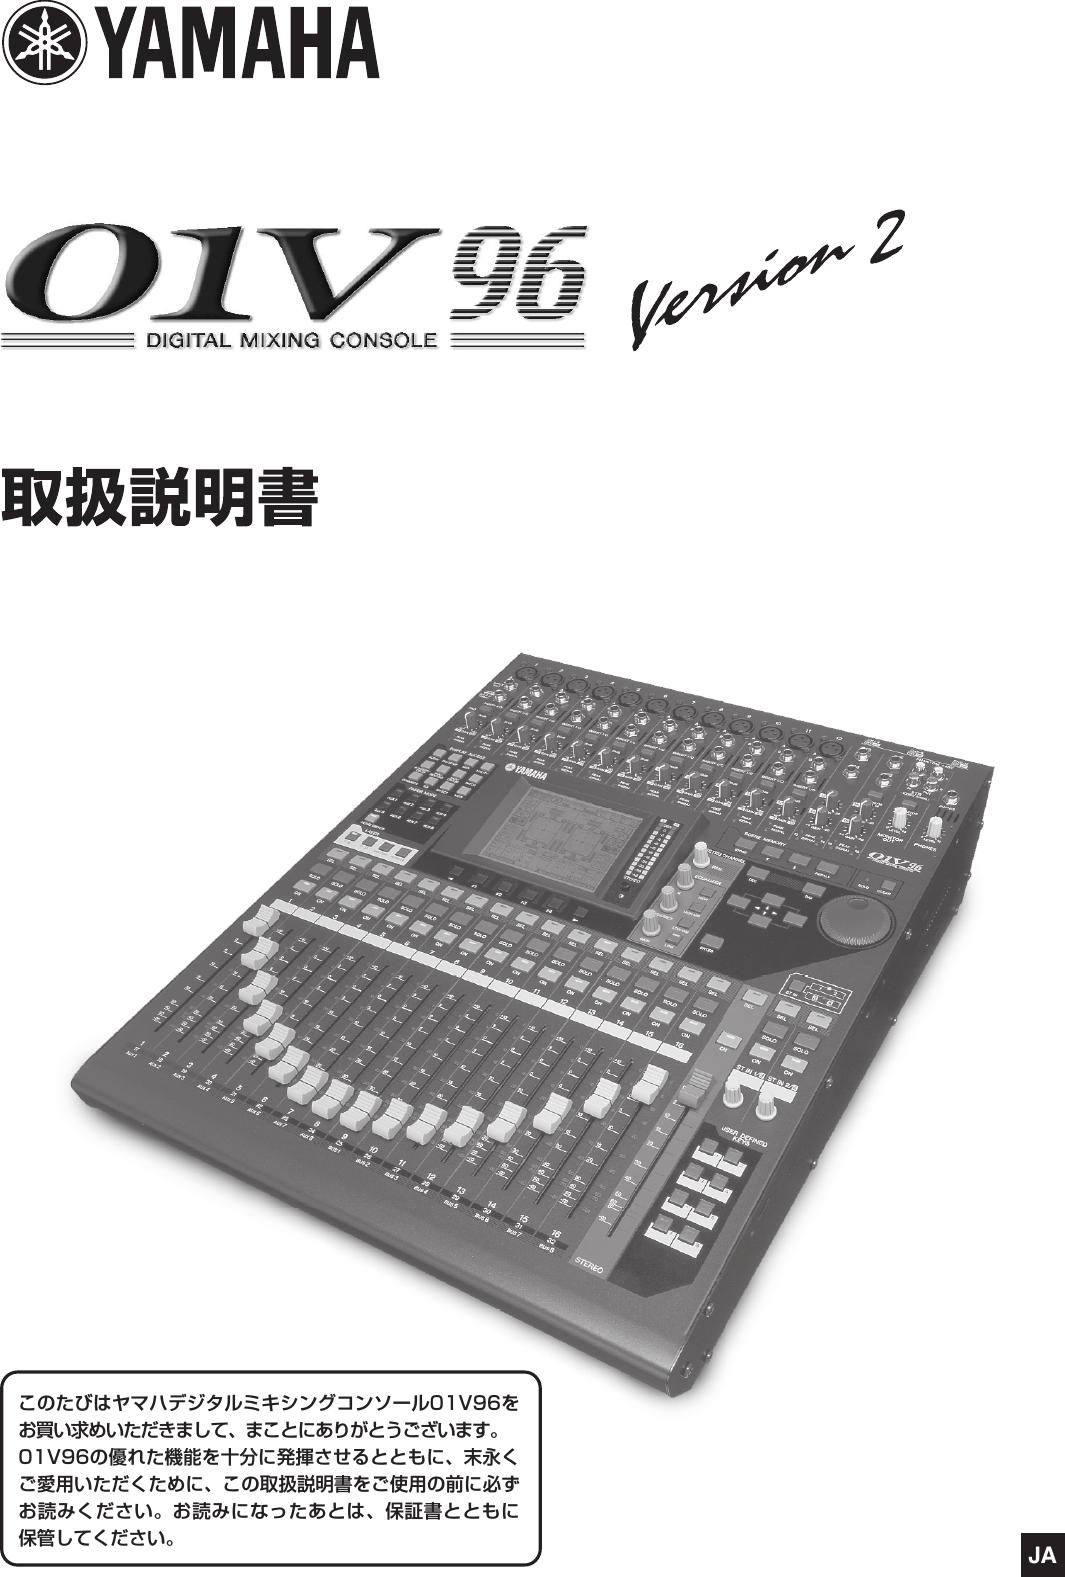 Yamaha 01V96V2 取扱説明書 01V96V2 取扱説明書 Ja Om F0